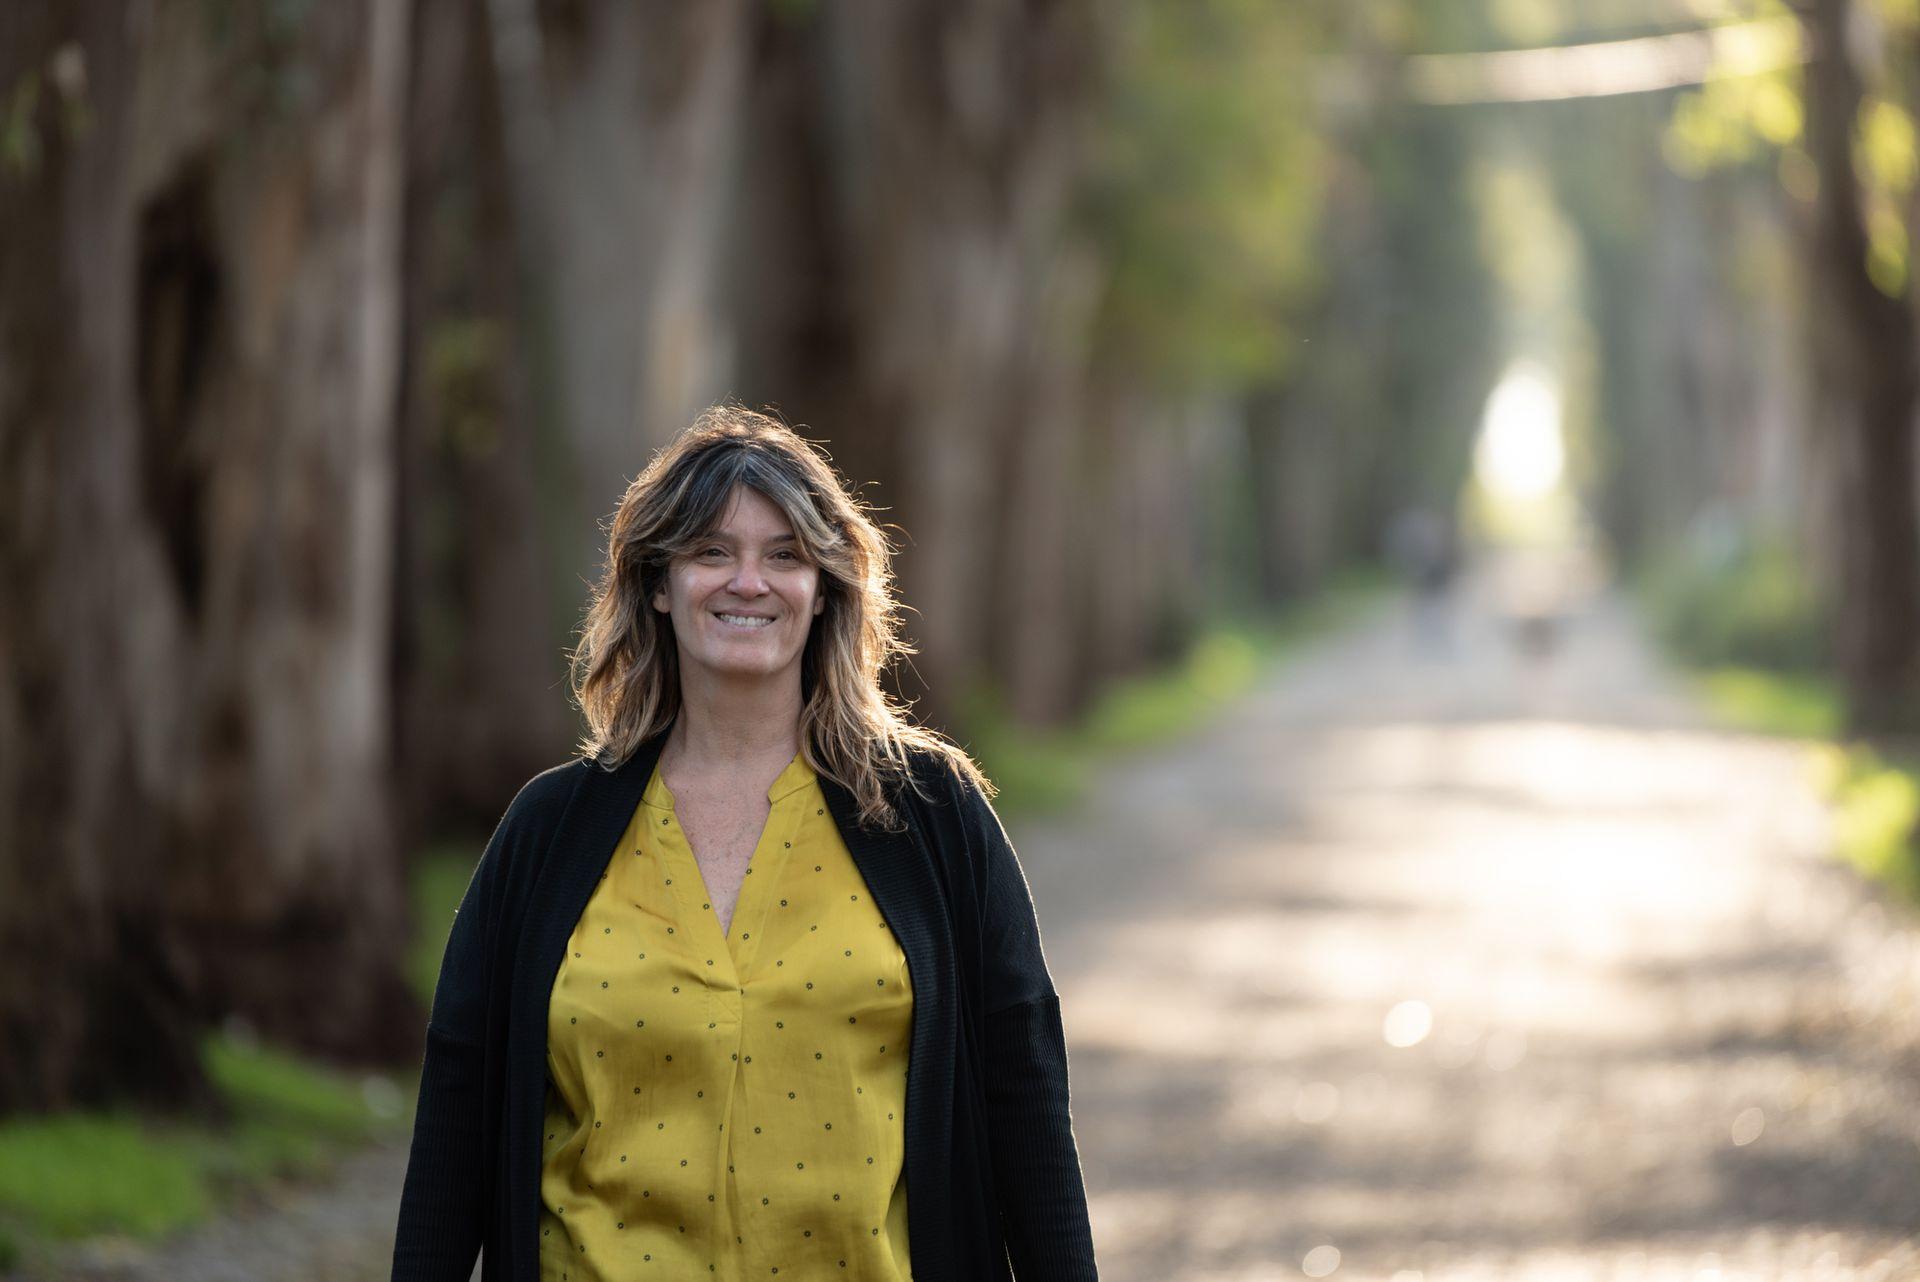 Paula en su barrio, una zona residencial de calles tranquilas